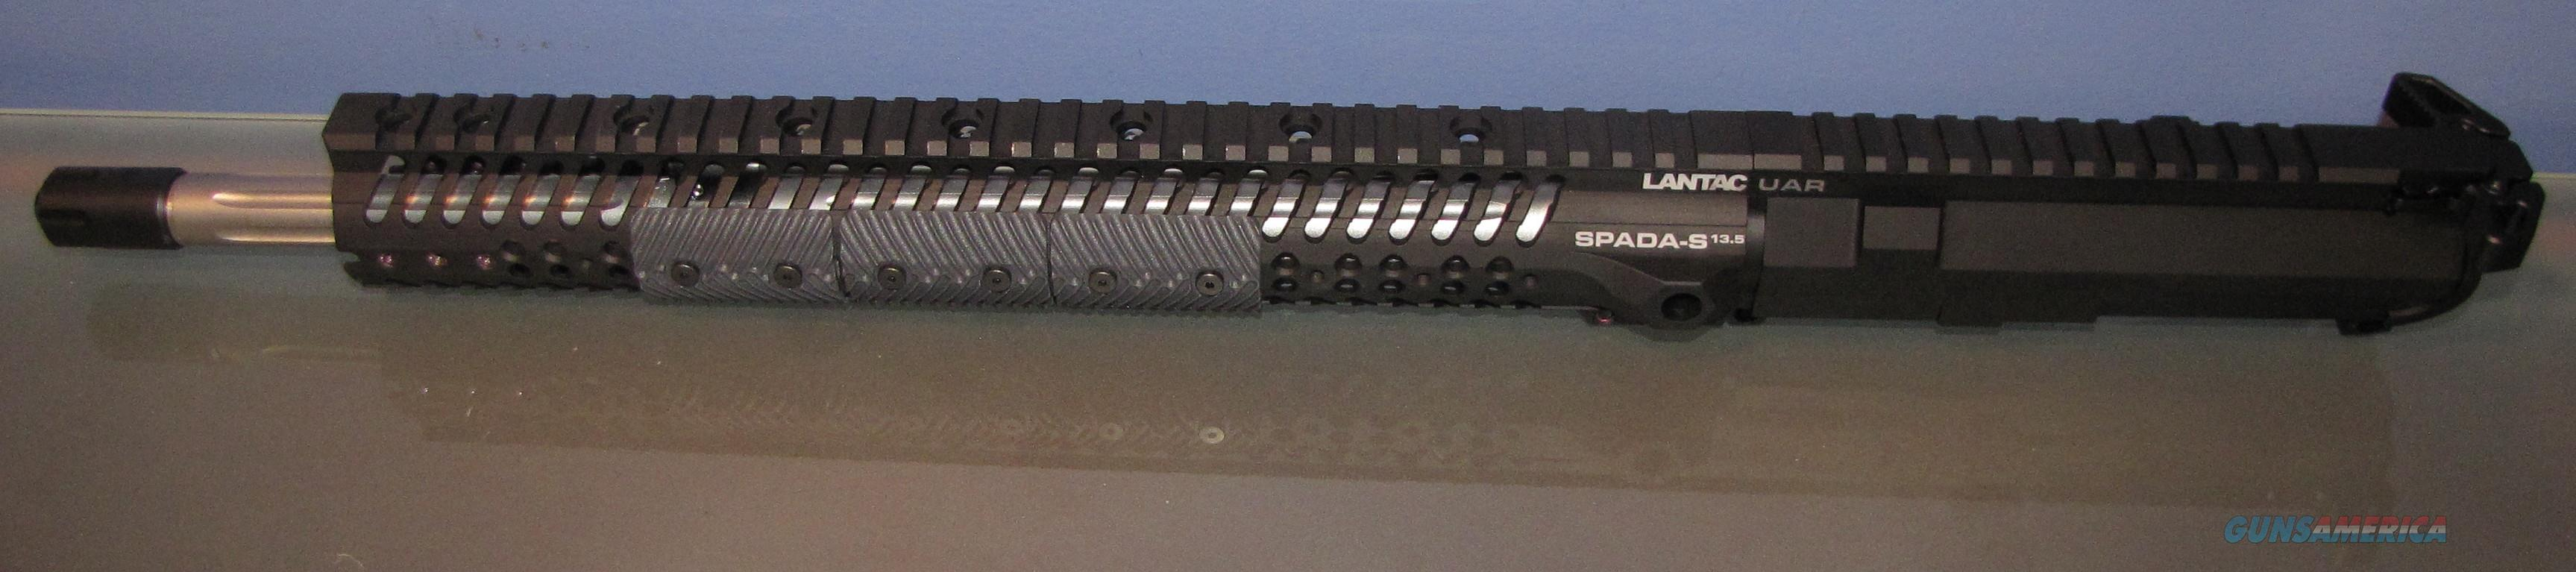 """B.T.A. Lantac Recon 6.8 SPC II 16"""" ar15 upper / No CC Fees  Non-Guns > Gun Parts > M16-AR15 > Upper Only"""